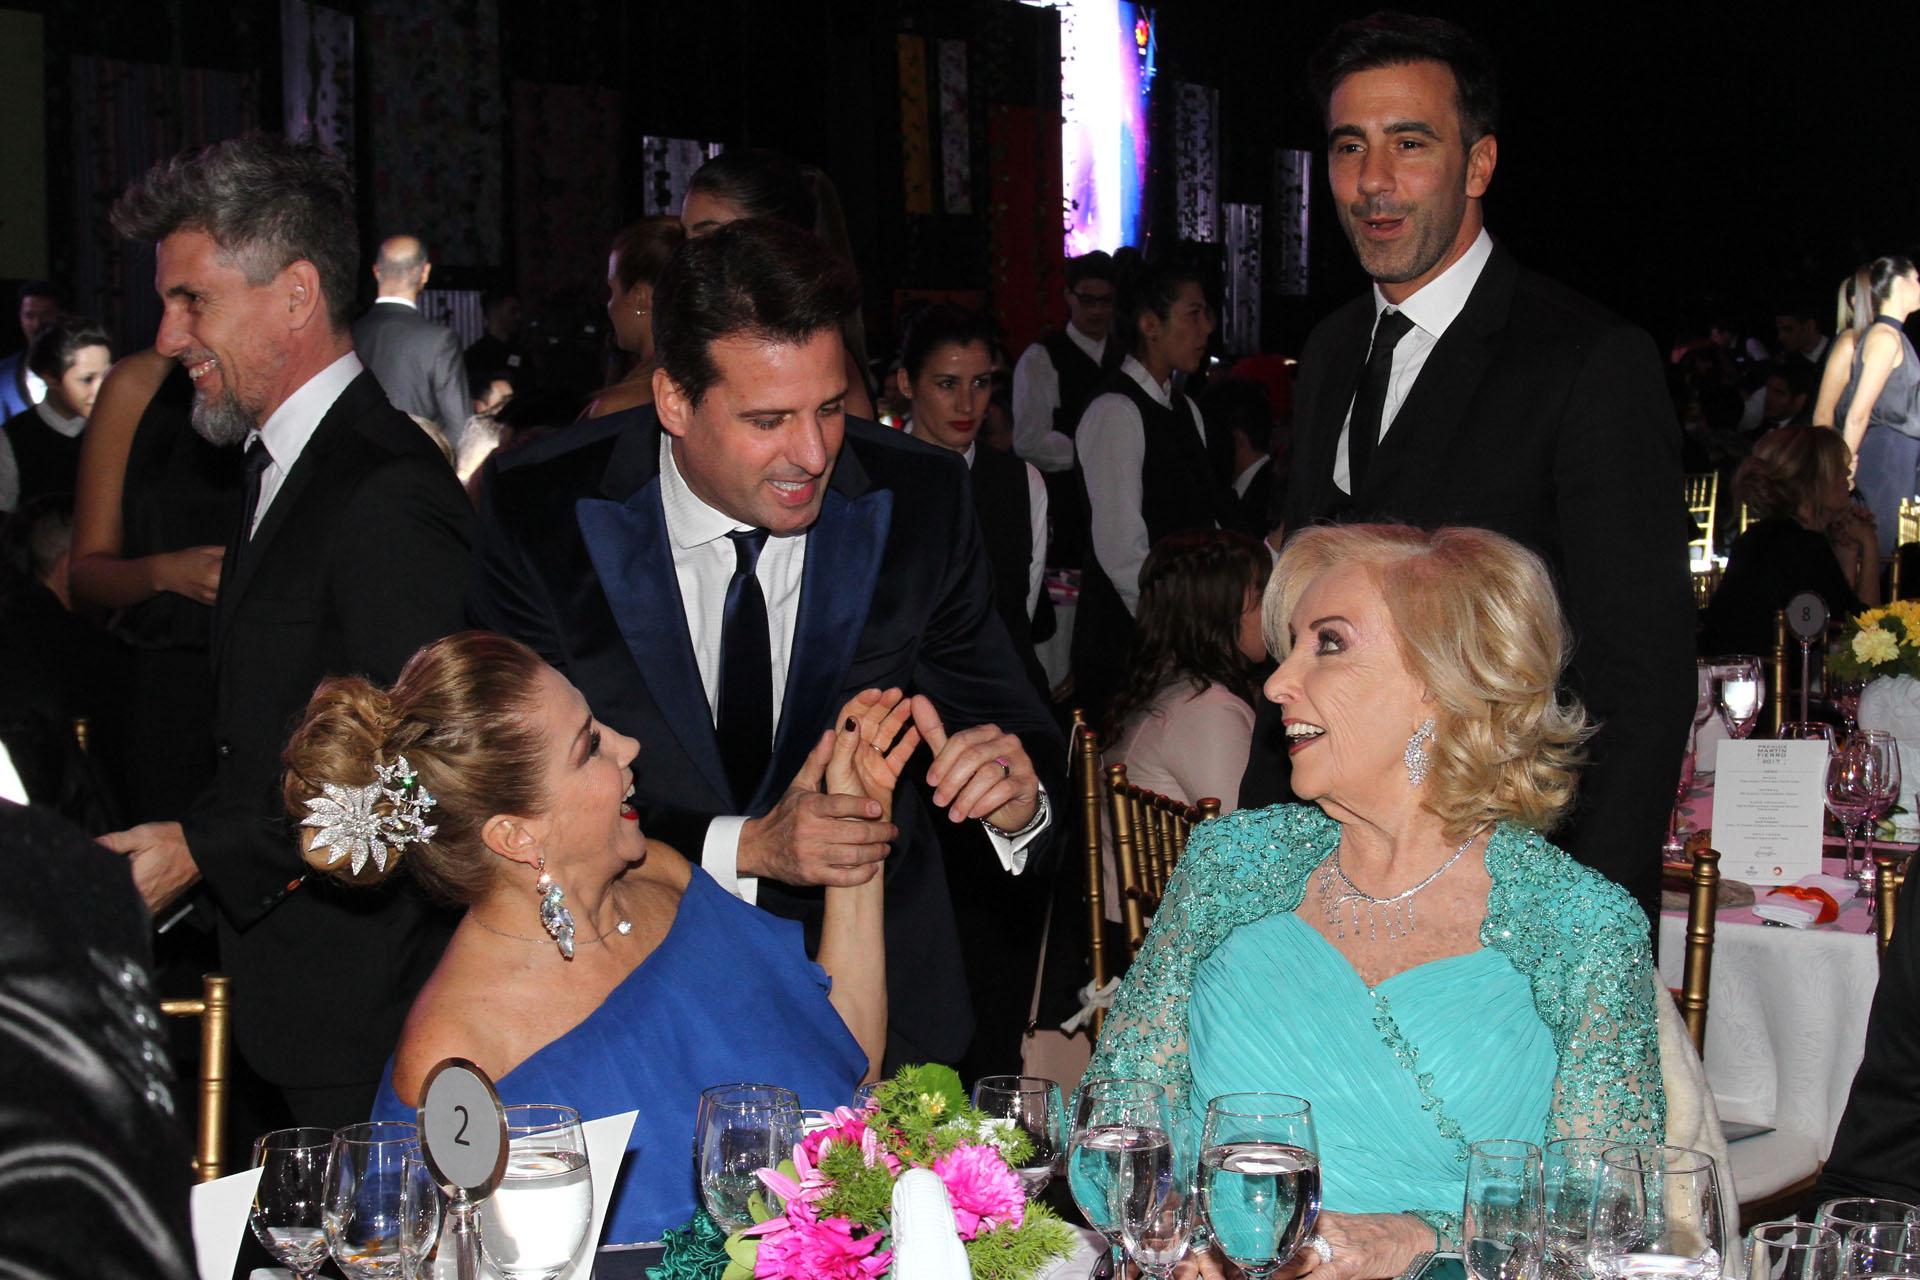 José María Listorti saludando a Mirtha Legrand y a Marcela Tinayre, detrás Federico Hoppe y el Chato Prada